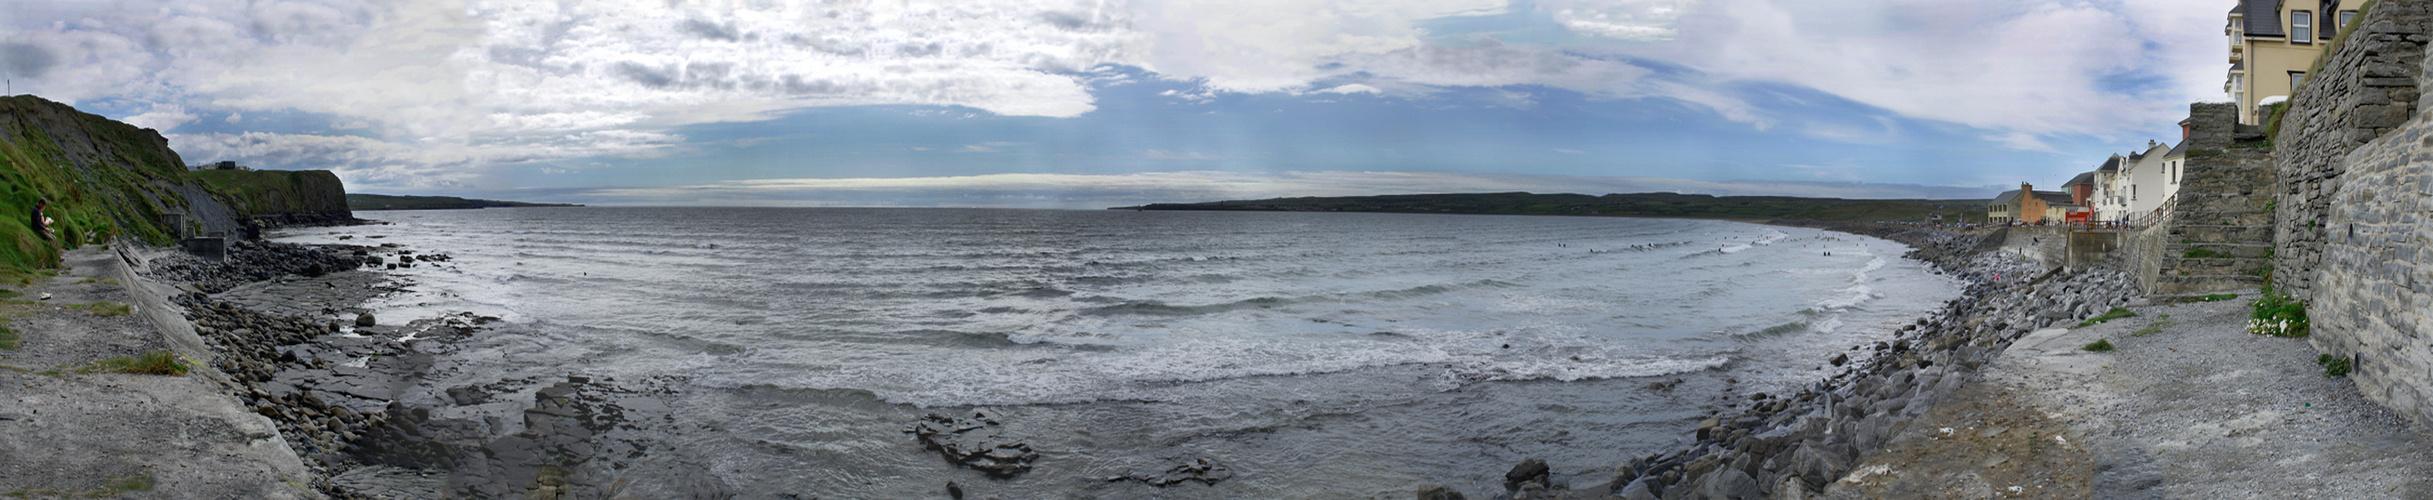 Der Strand von Lahinch